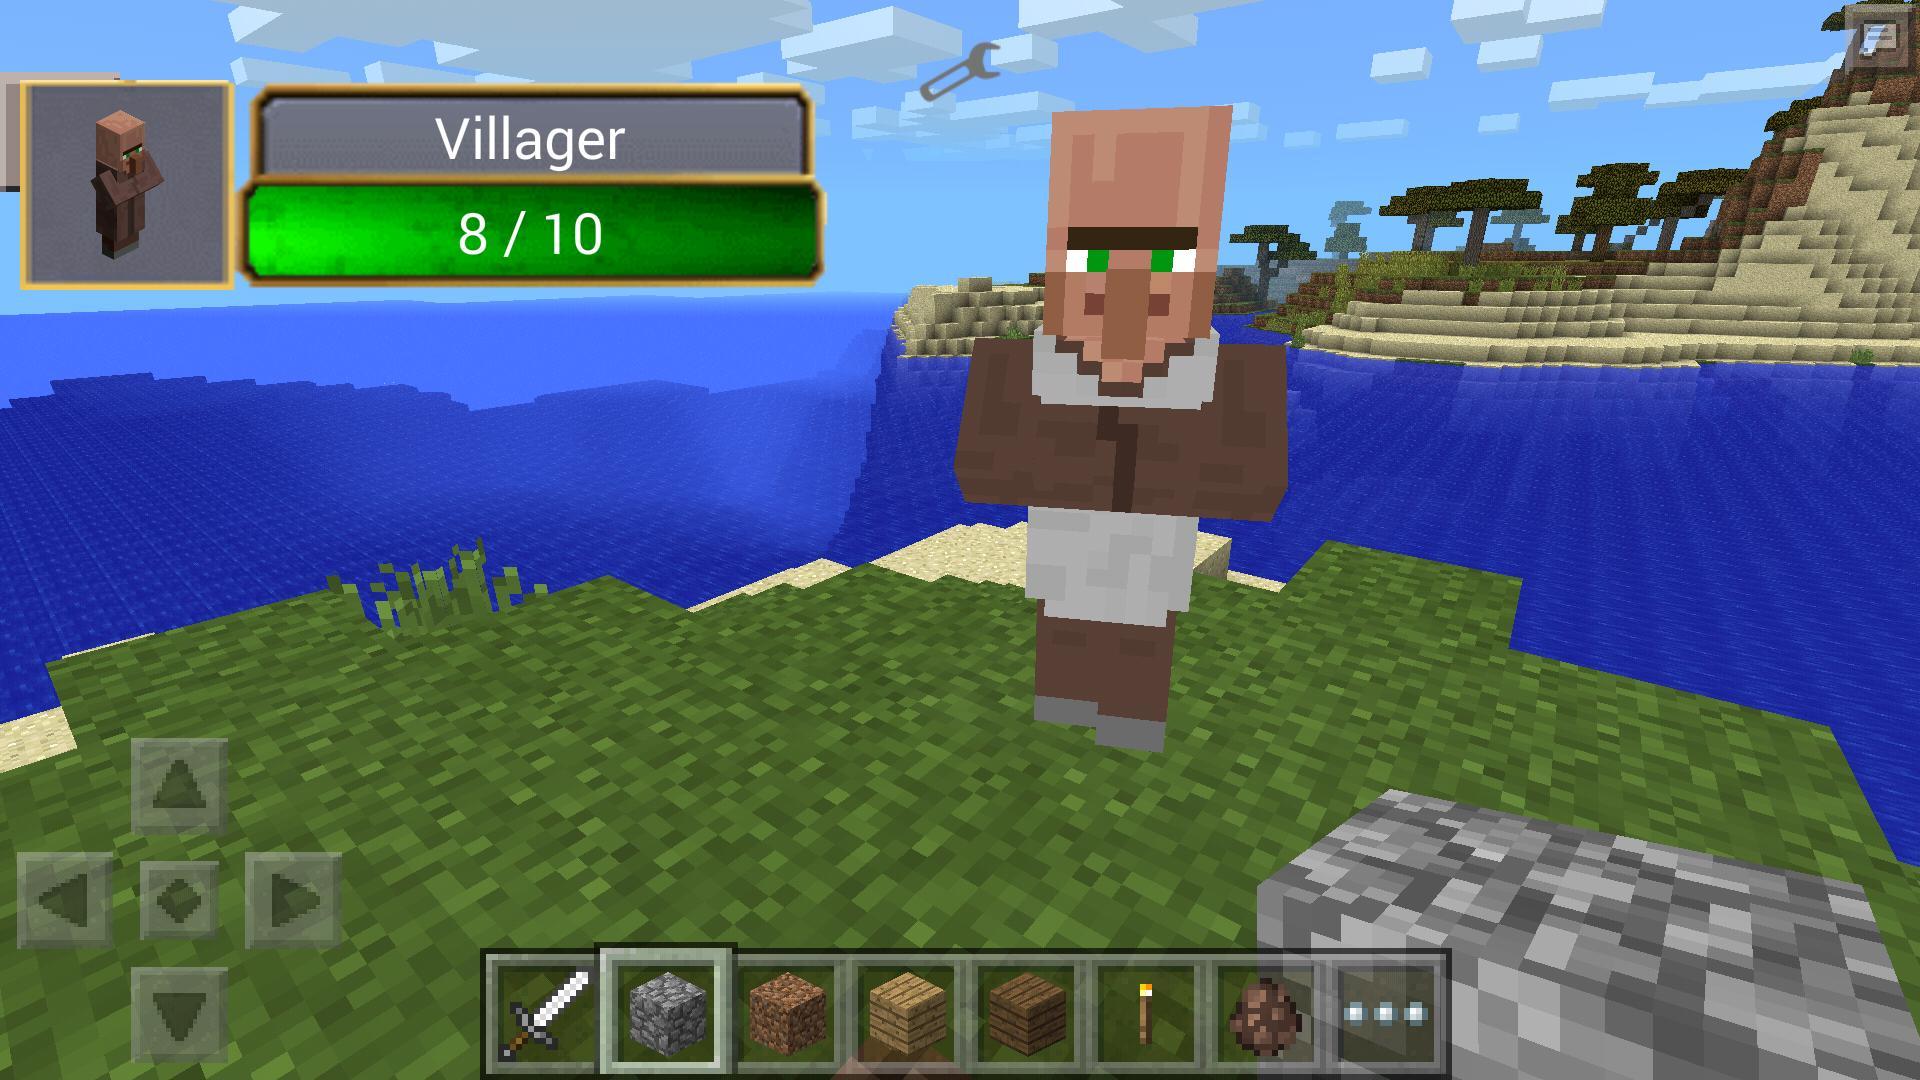 Download Wallpaper Minecraft Ios - dam1  Picture_22960.jpg